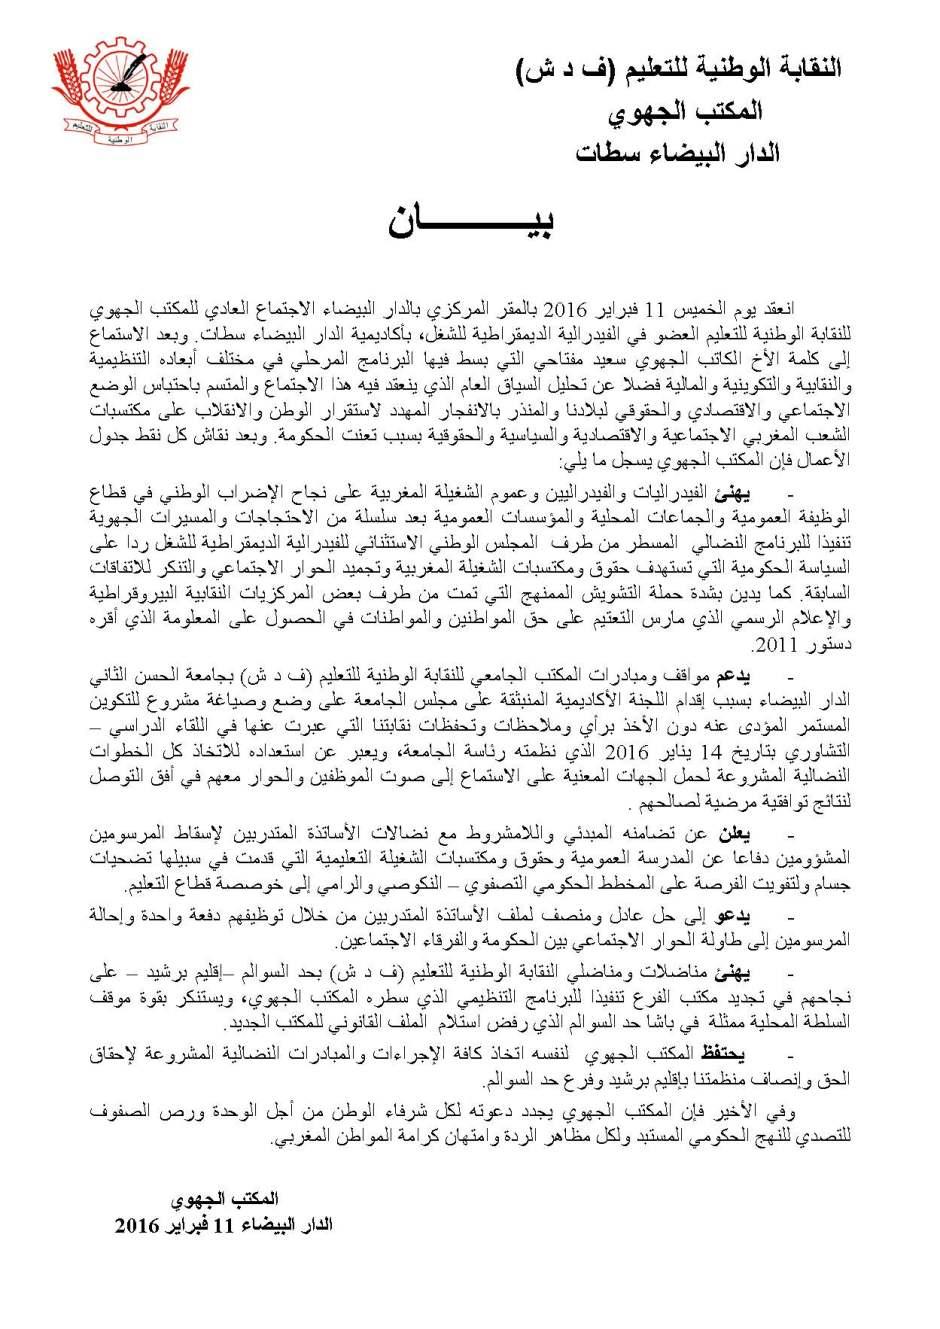 بيان جهة الدار البيضاء سطات 11 فبراير